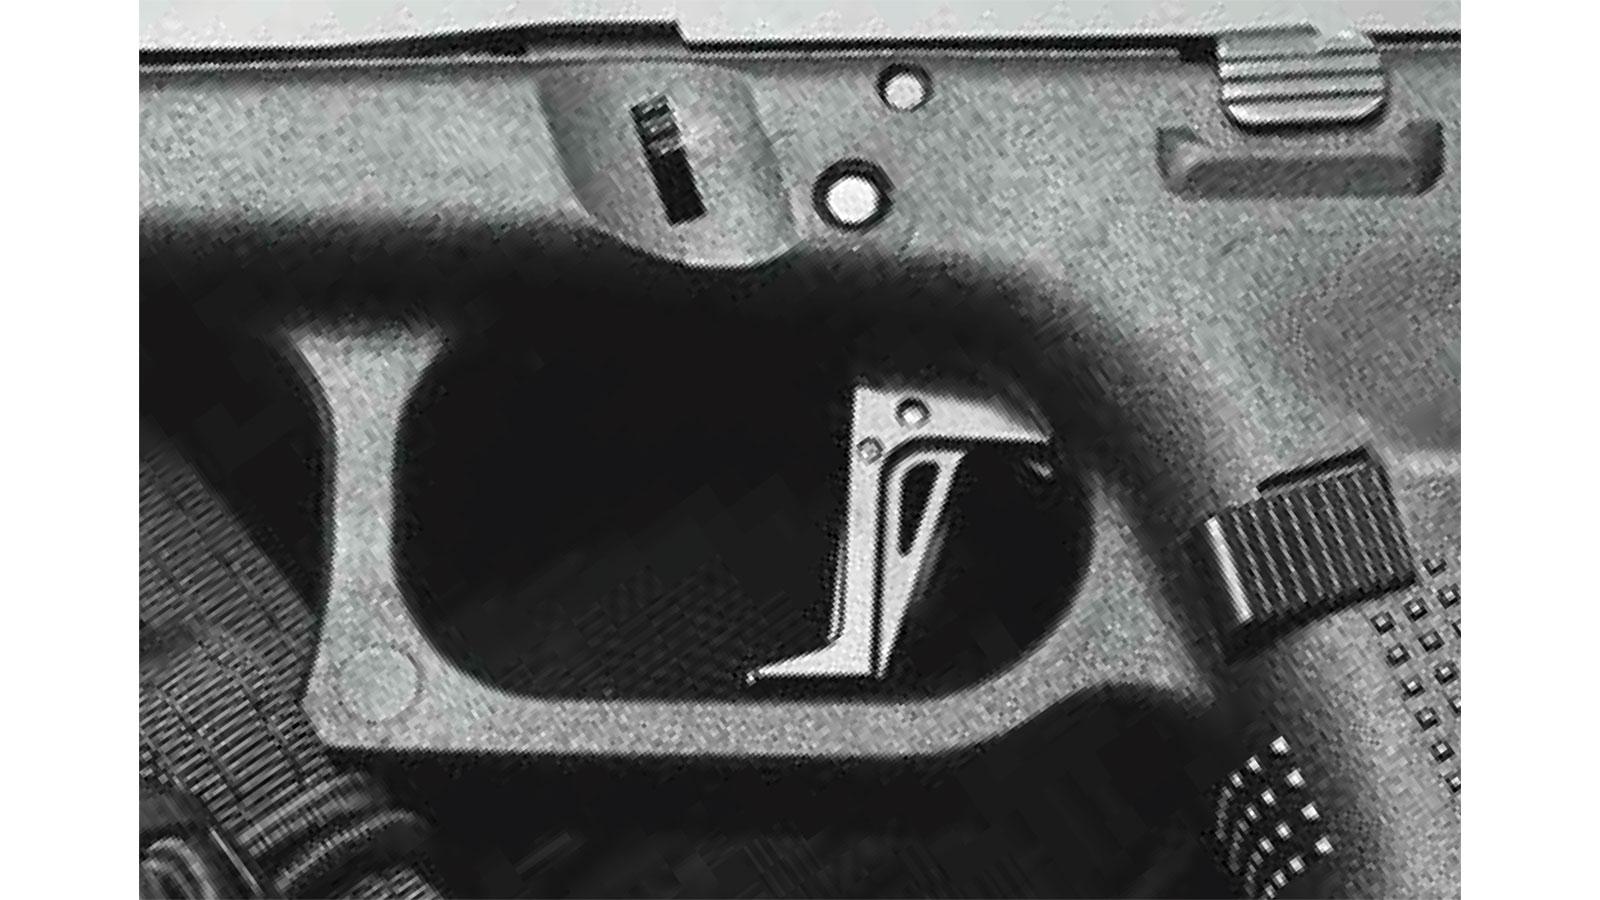 CMC Triggers 71501 Glock Trigger Kit Flat Glock Gen 1-3 9mm 8620 Steel